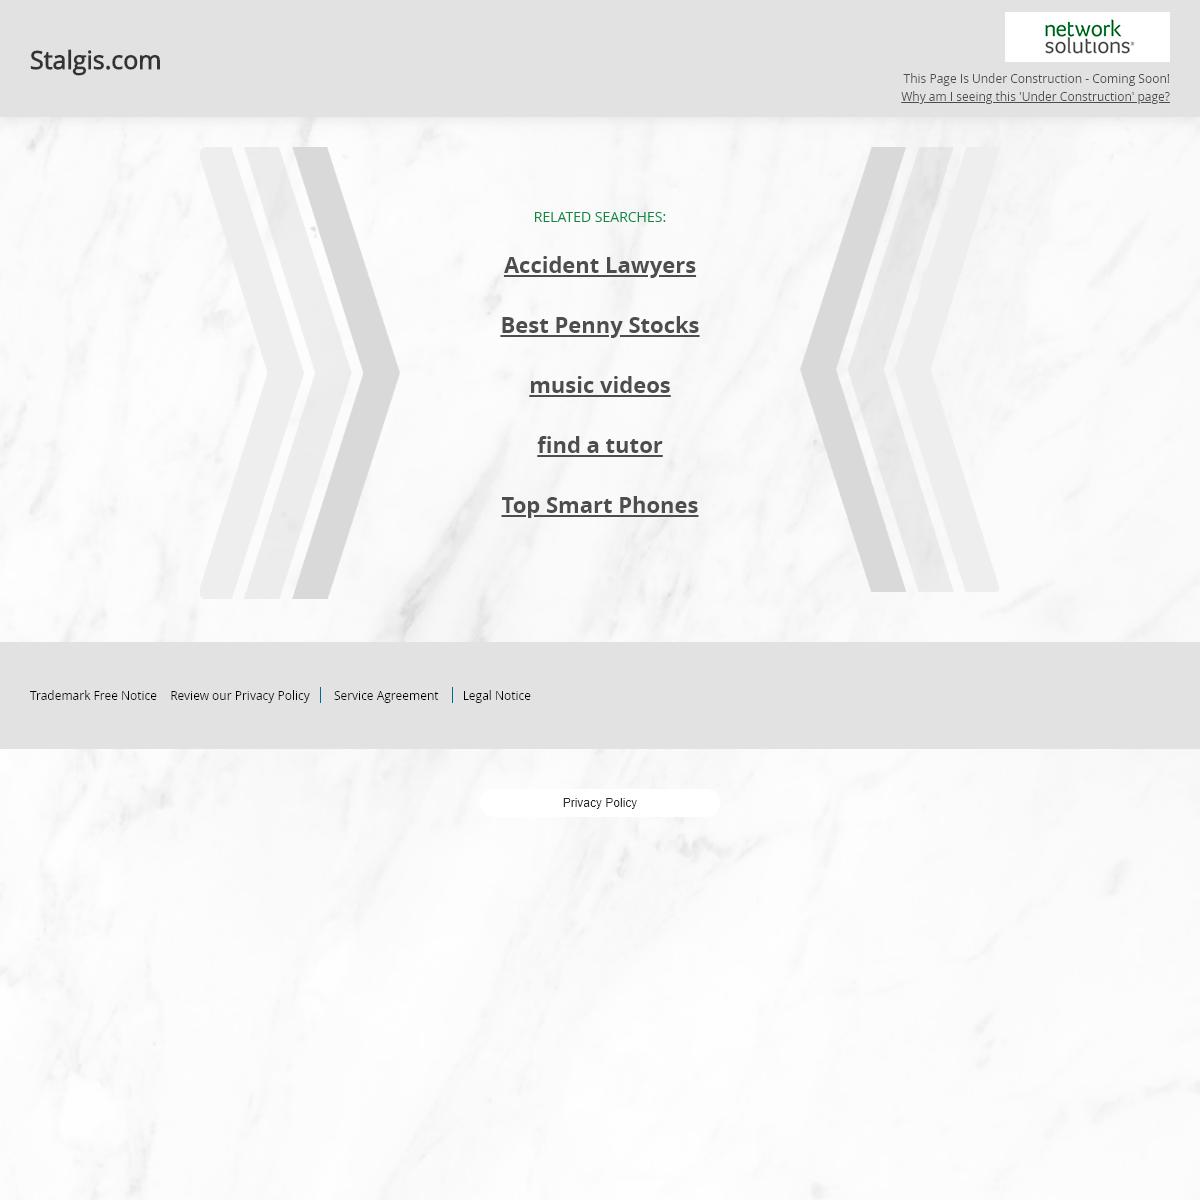 Stalgis.com